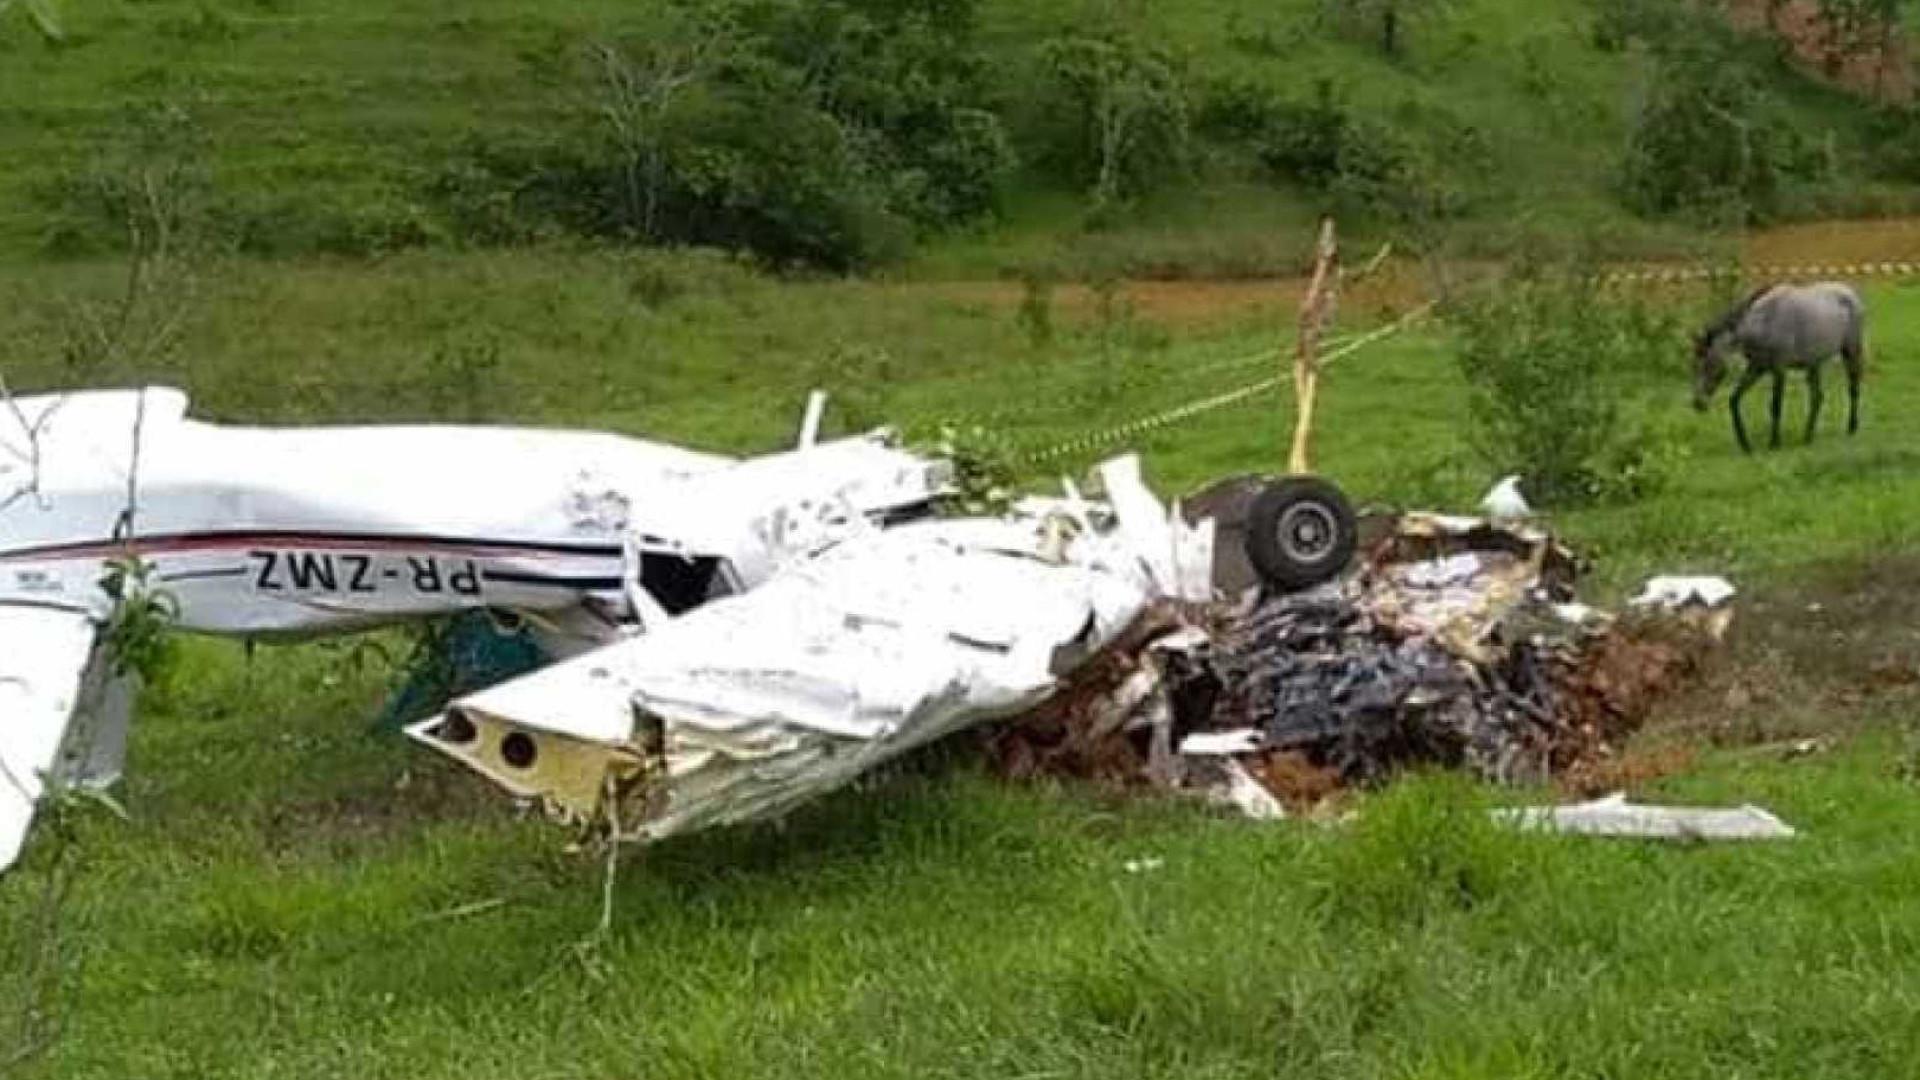 Quatro mortos em queda de avioneta em Minas Gerais, no Brasil